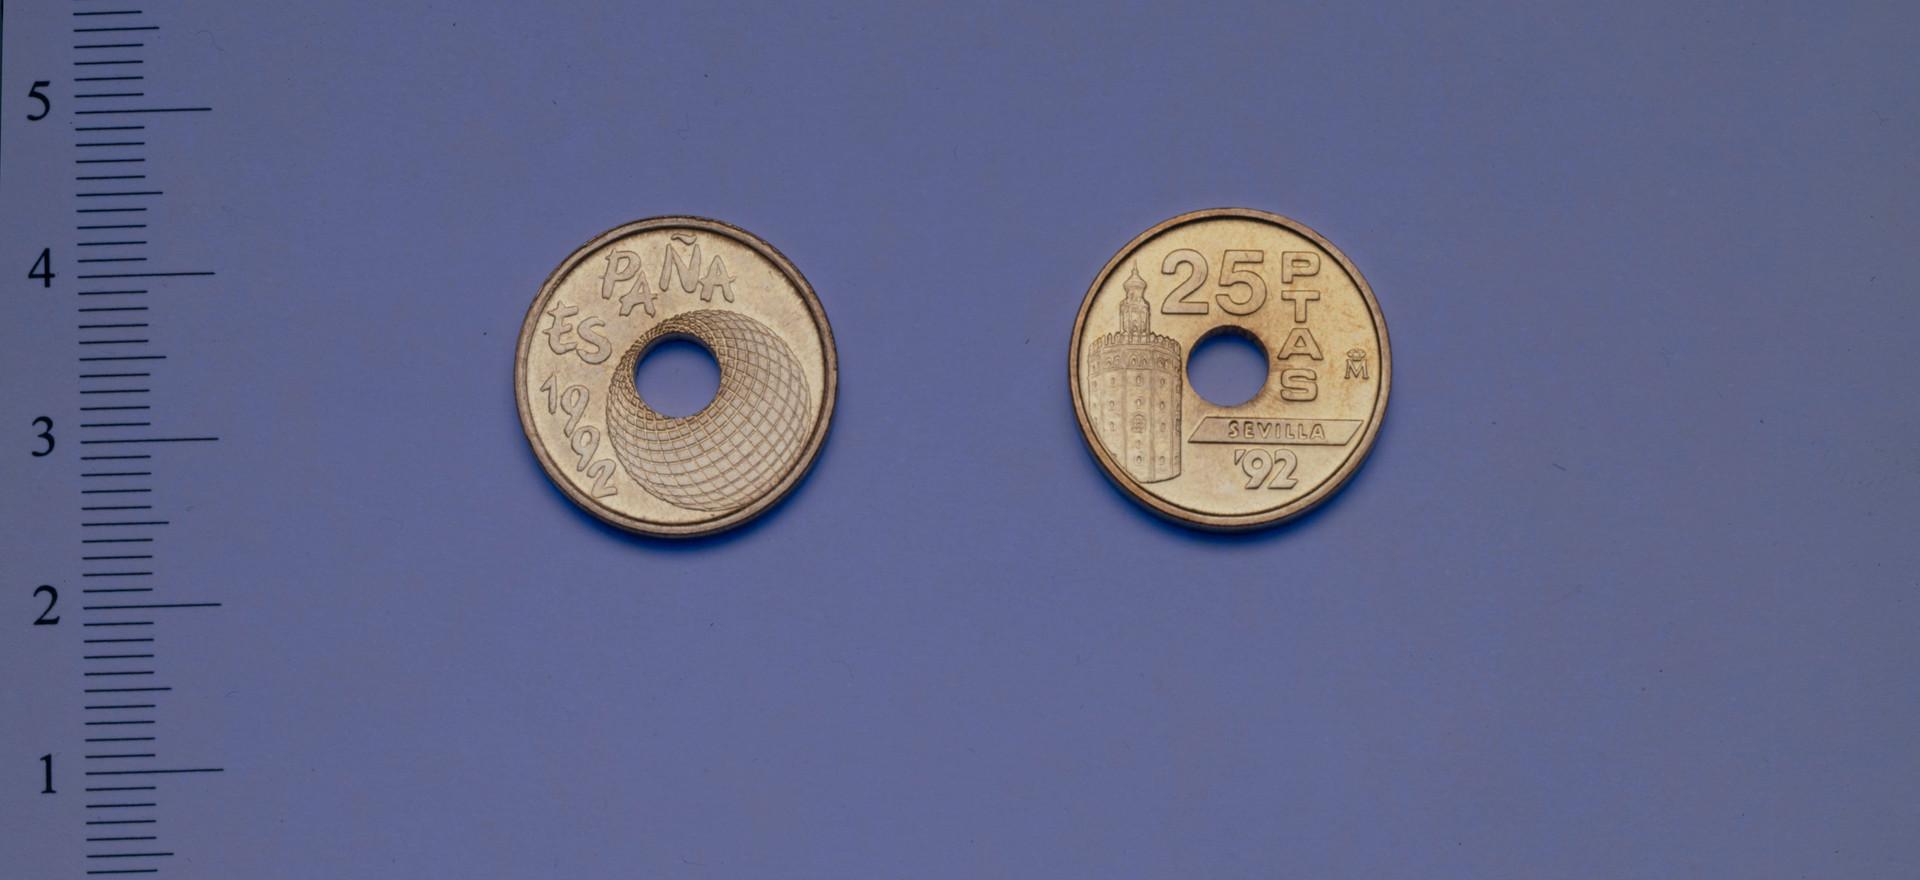 Cuadro_n_19_Moneda circulada 1992_0001.j